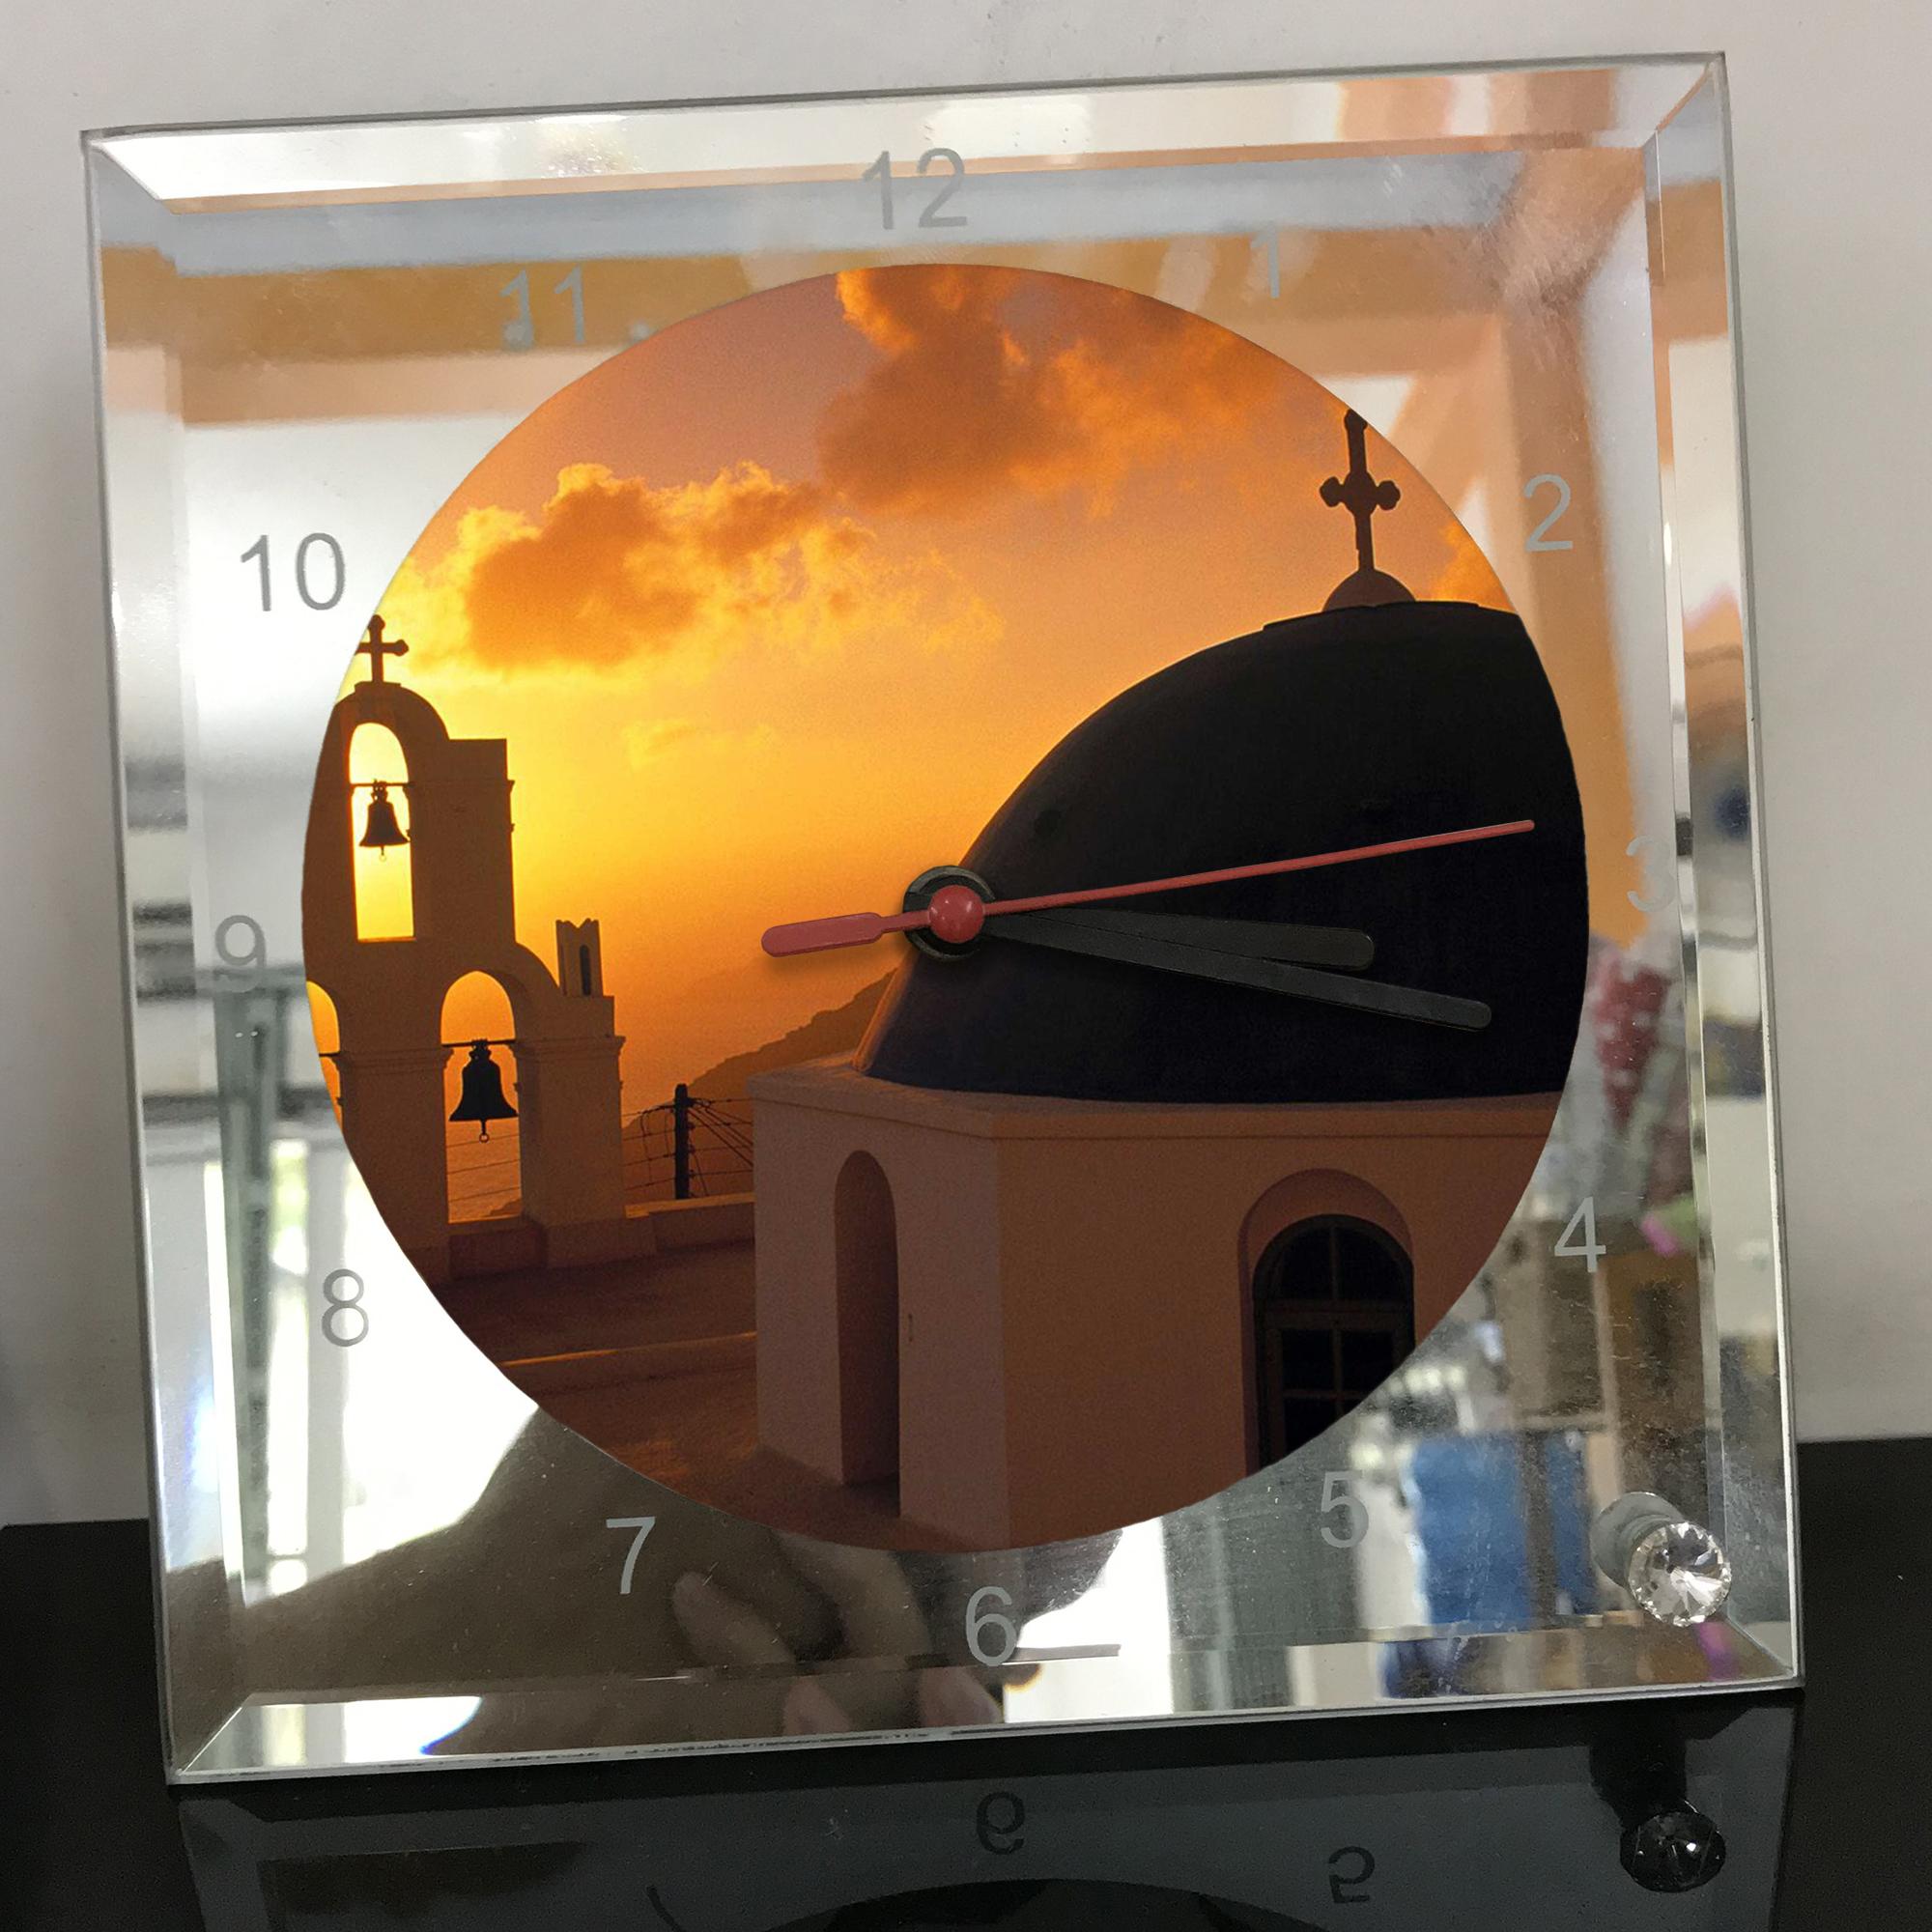 Đồng hồ thủy tinh vuông 20x20 in hình Church - nhà thờ (26) . Đồng hồ thủy tinh để bàn trang trí đẹp chủ đề tôn giáo